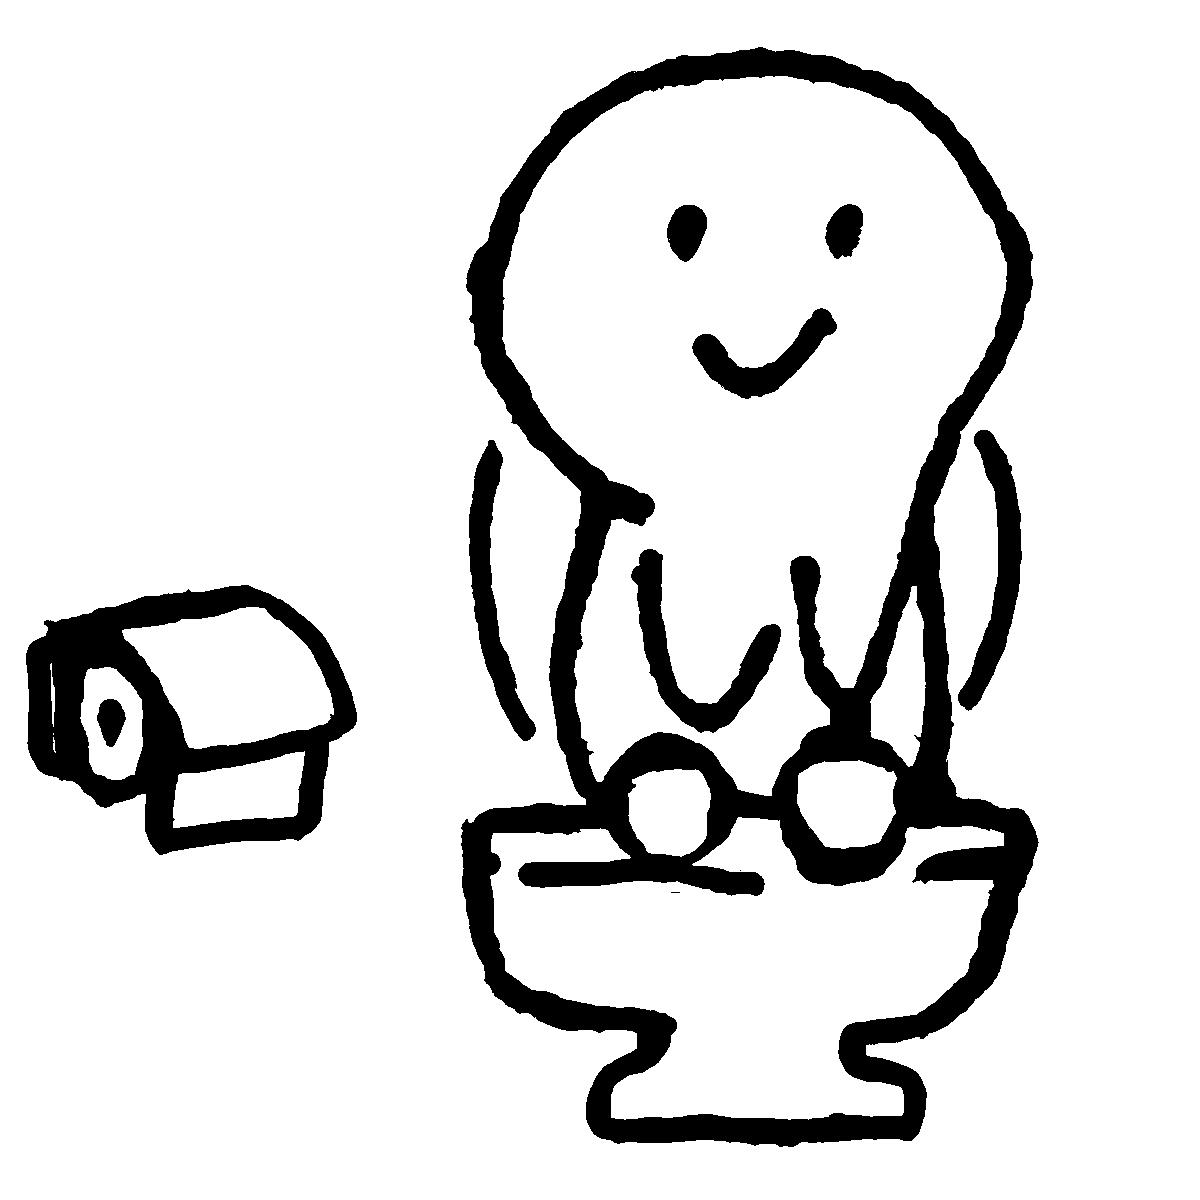 トイレ中2のイラスト / Toilet2 Illustration